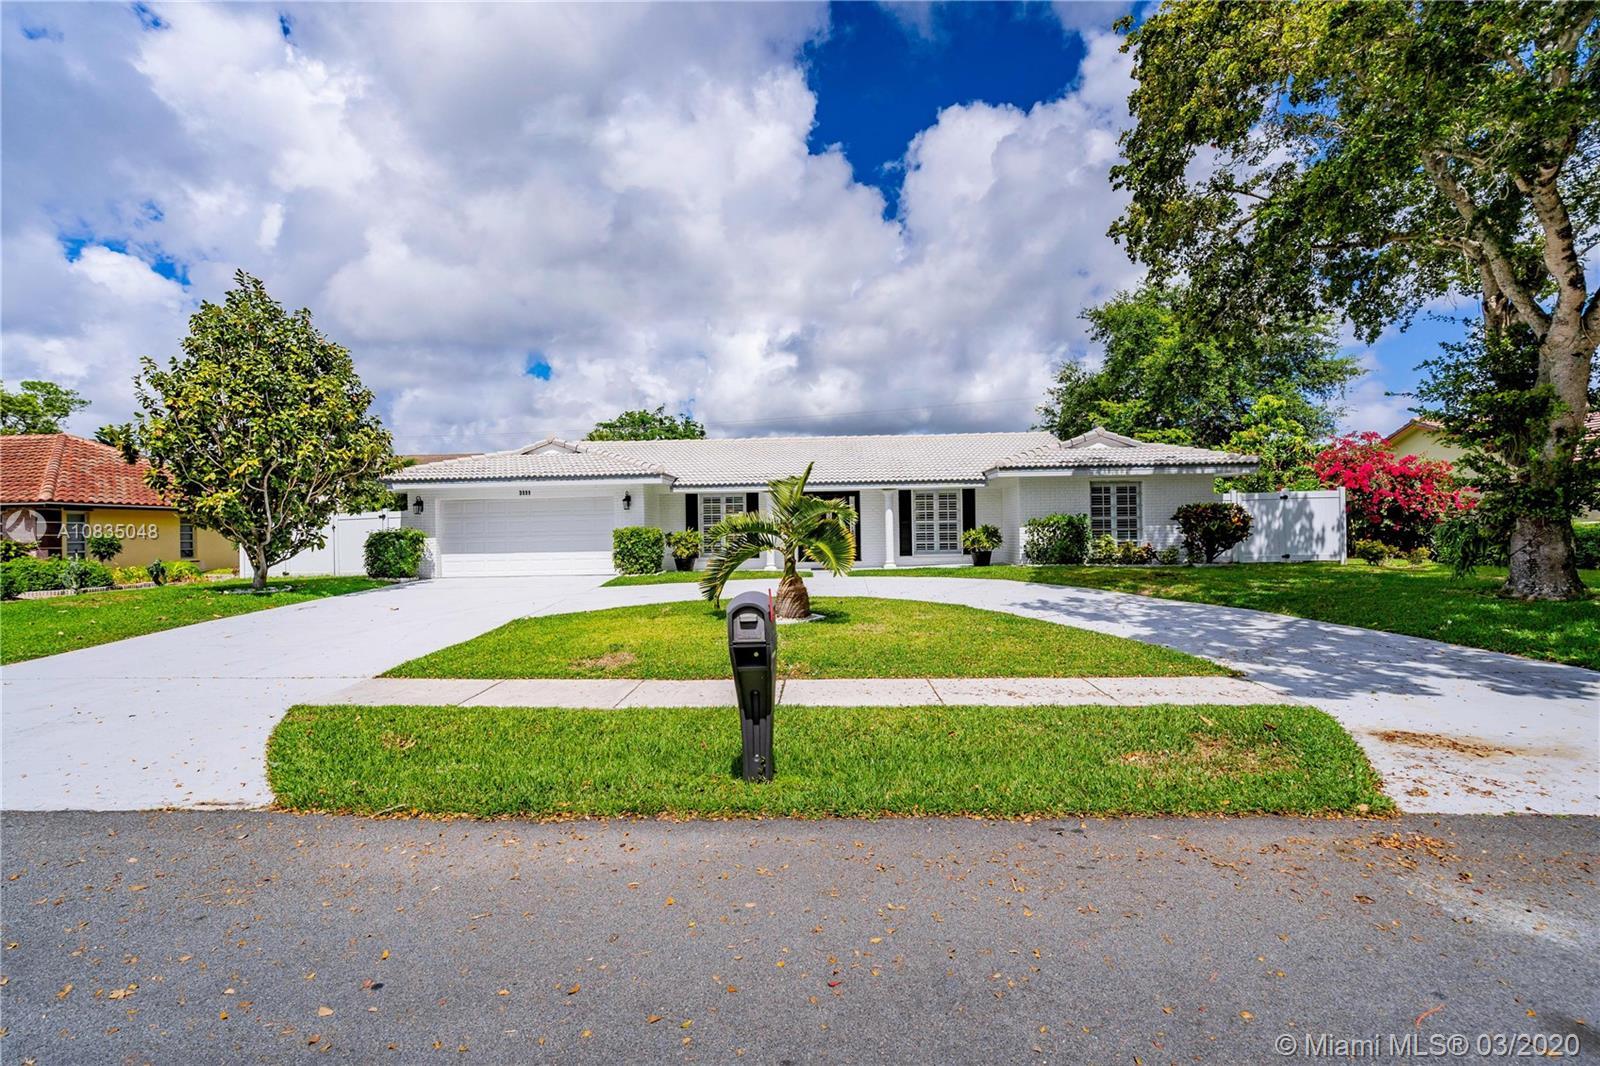 3111 Lakeview Blvd, Delray Beach, FL 33445